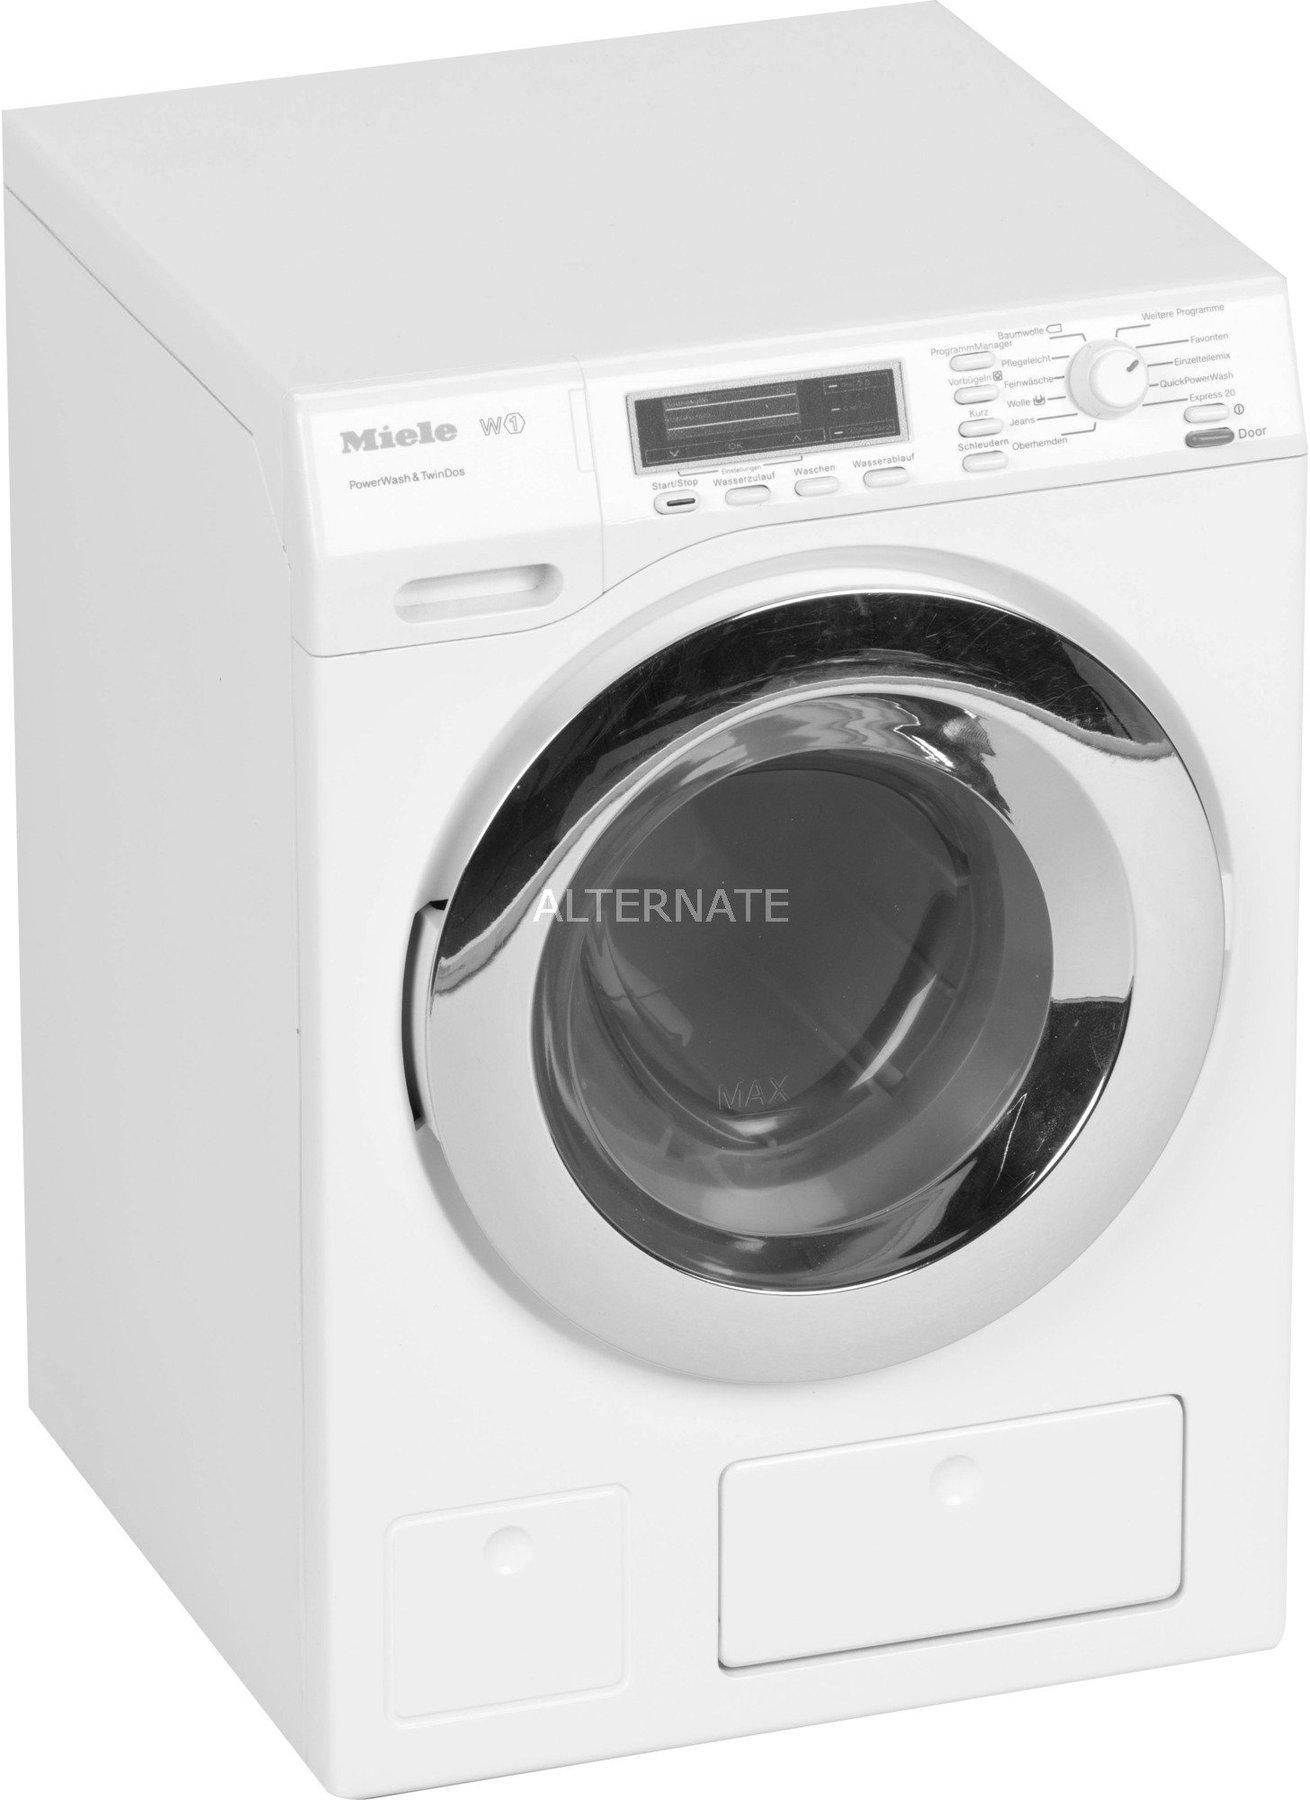 Theo Klein Miele Waschmaschine (6941)